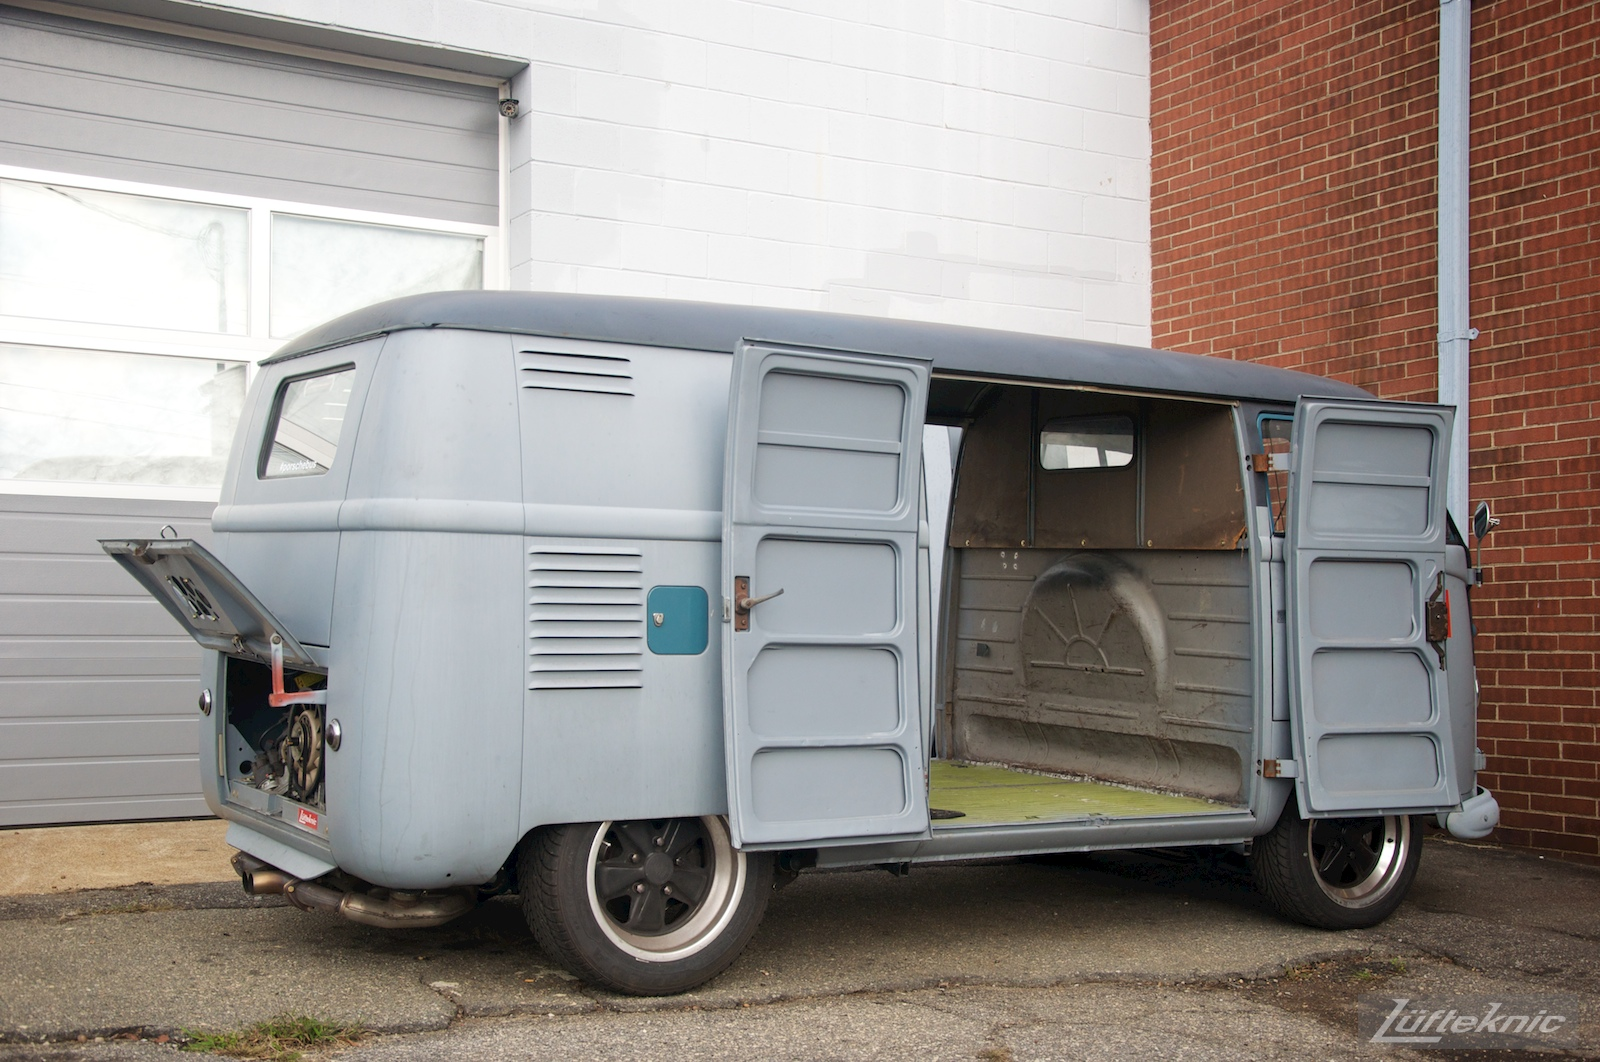 1956 Volkswagen double panel Transporter PorscheBus details.